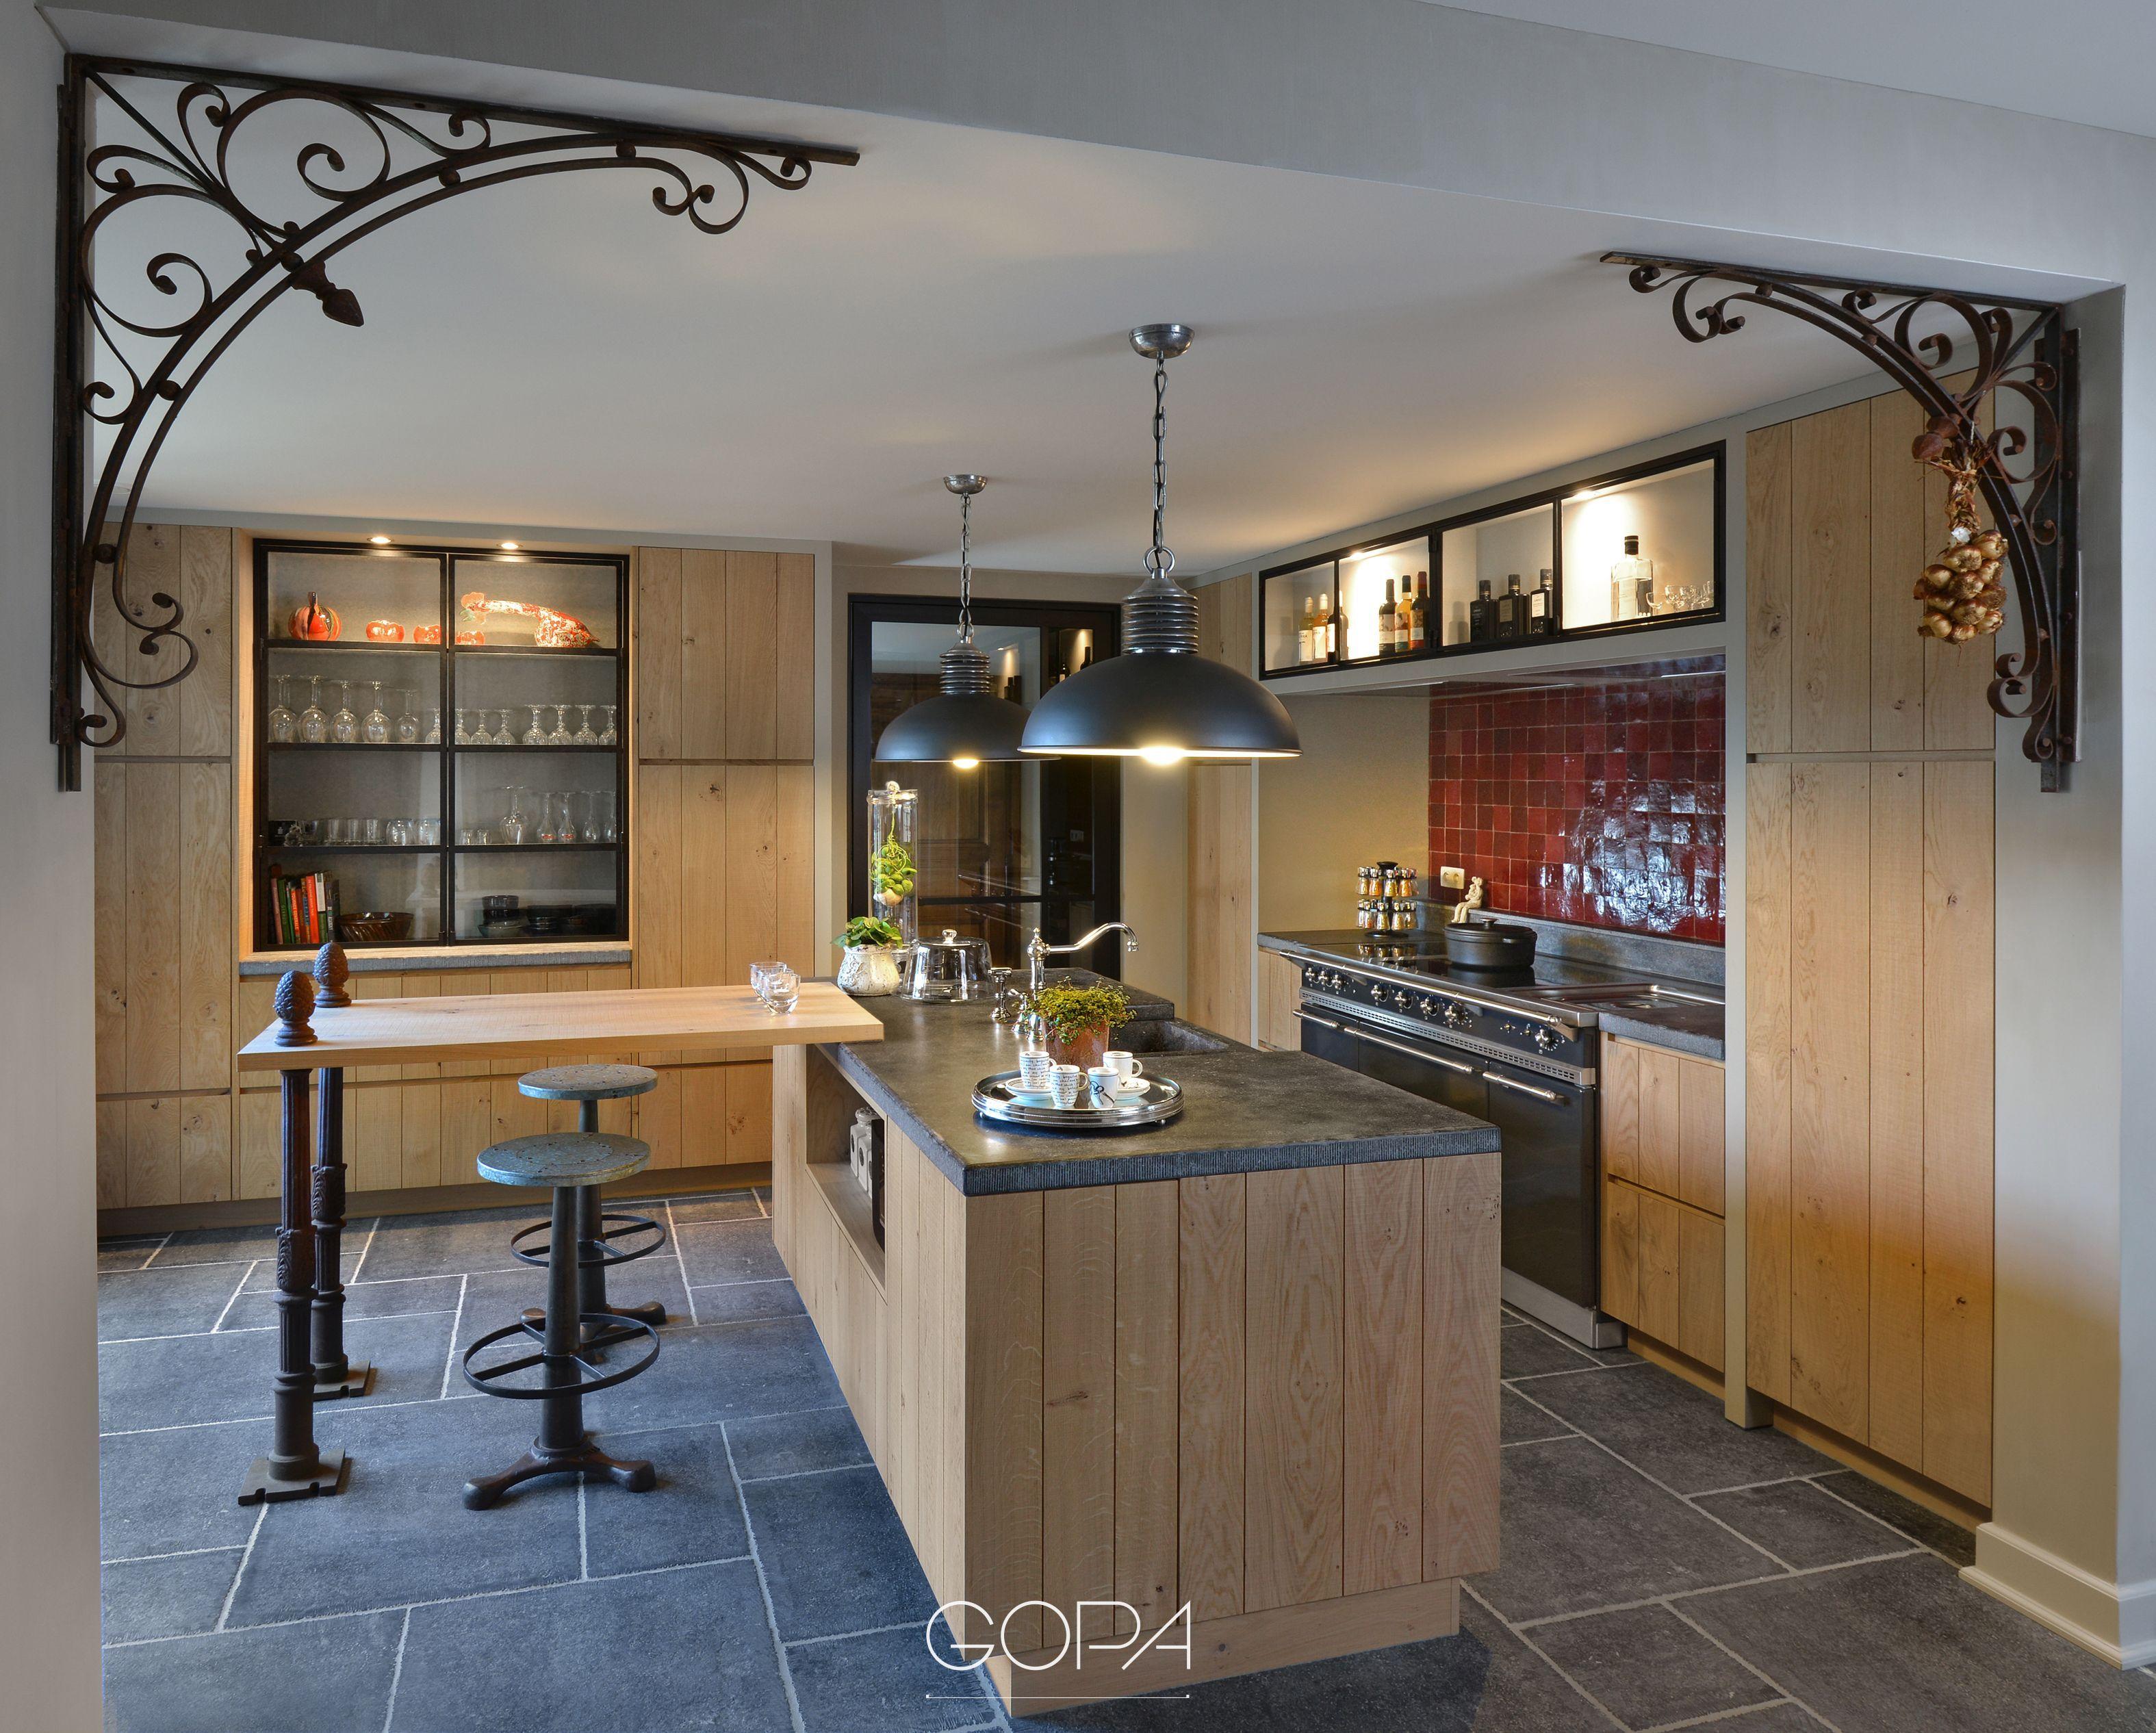 Landelijke keuken met een werkblad van belgische blauwe steen in